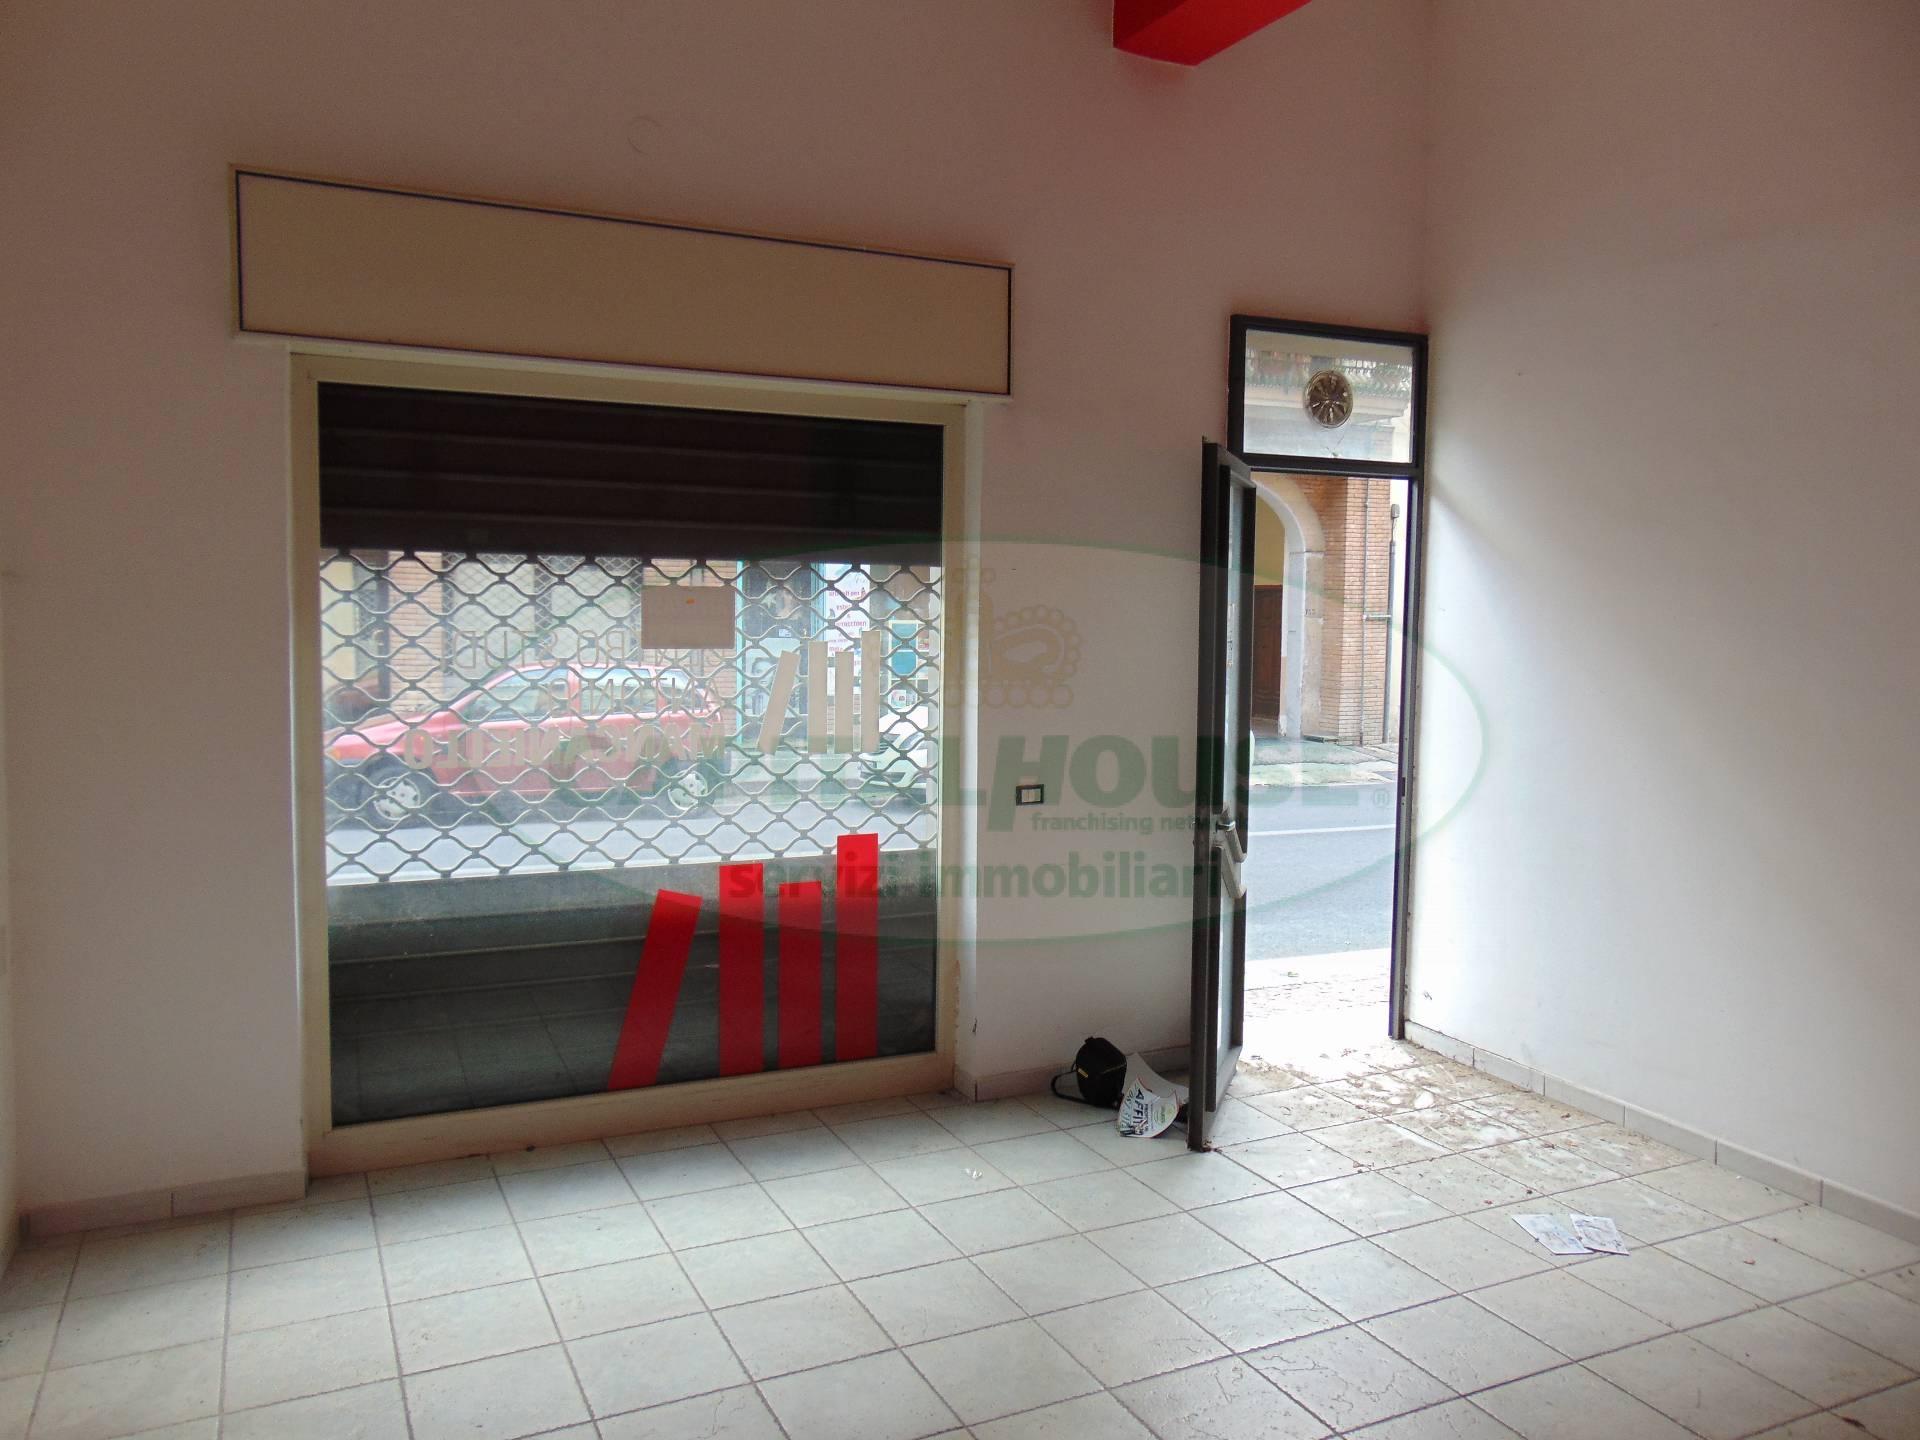 Negozio / Locale in affitto a Mugnano del Cardinale, 9999 locali, prezzo € 500 | Cambio Casa.it